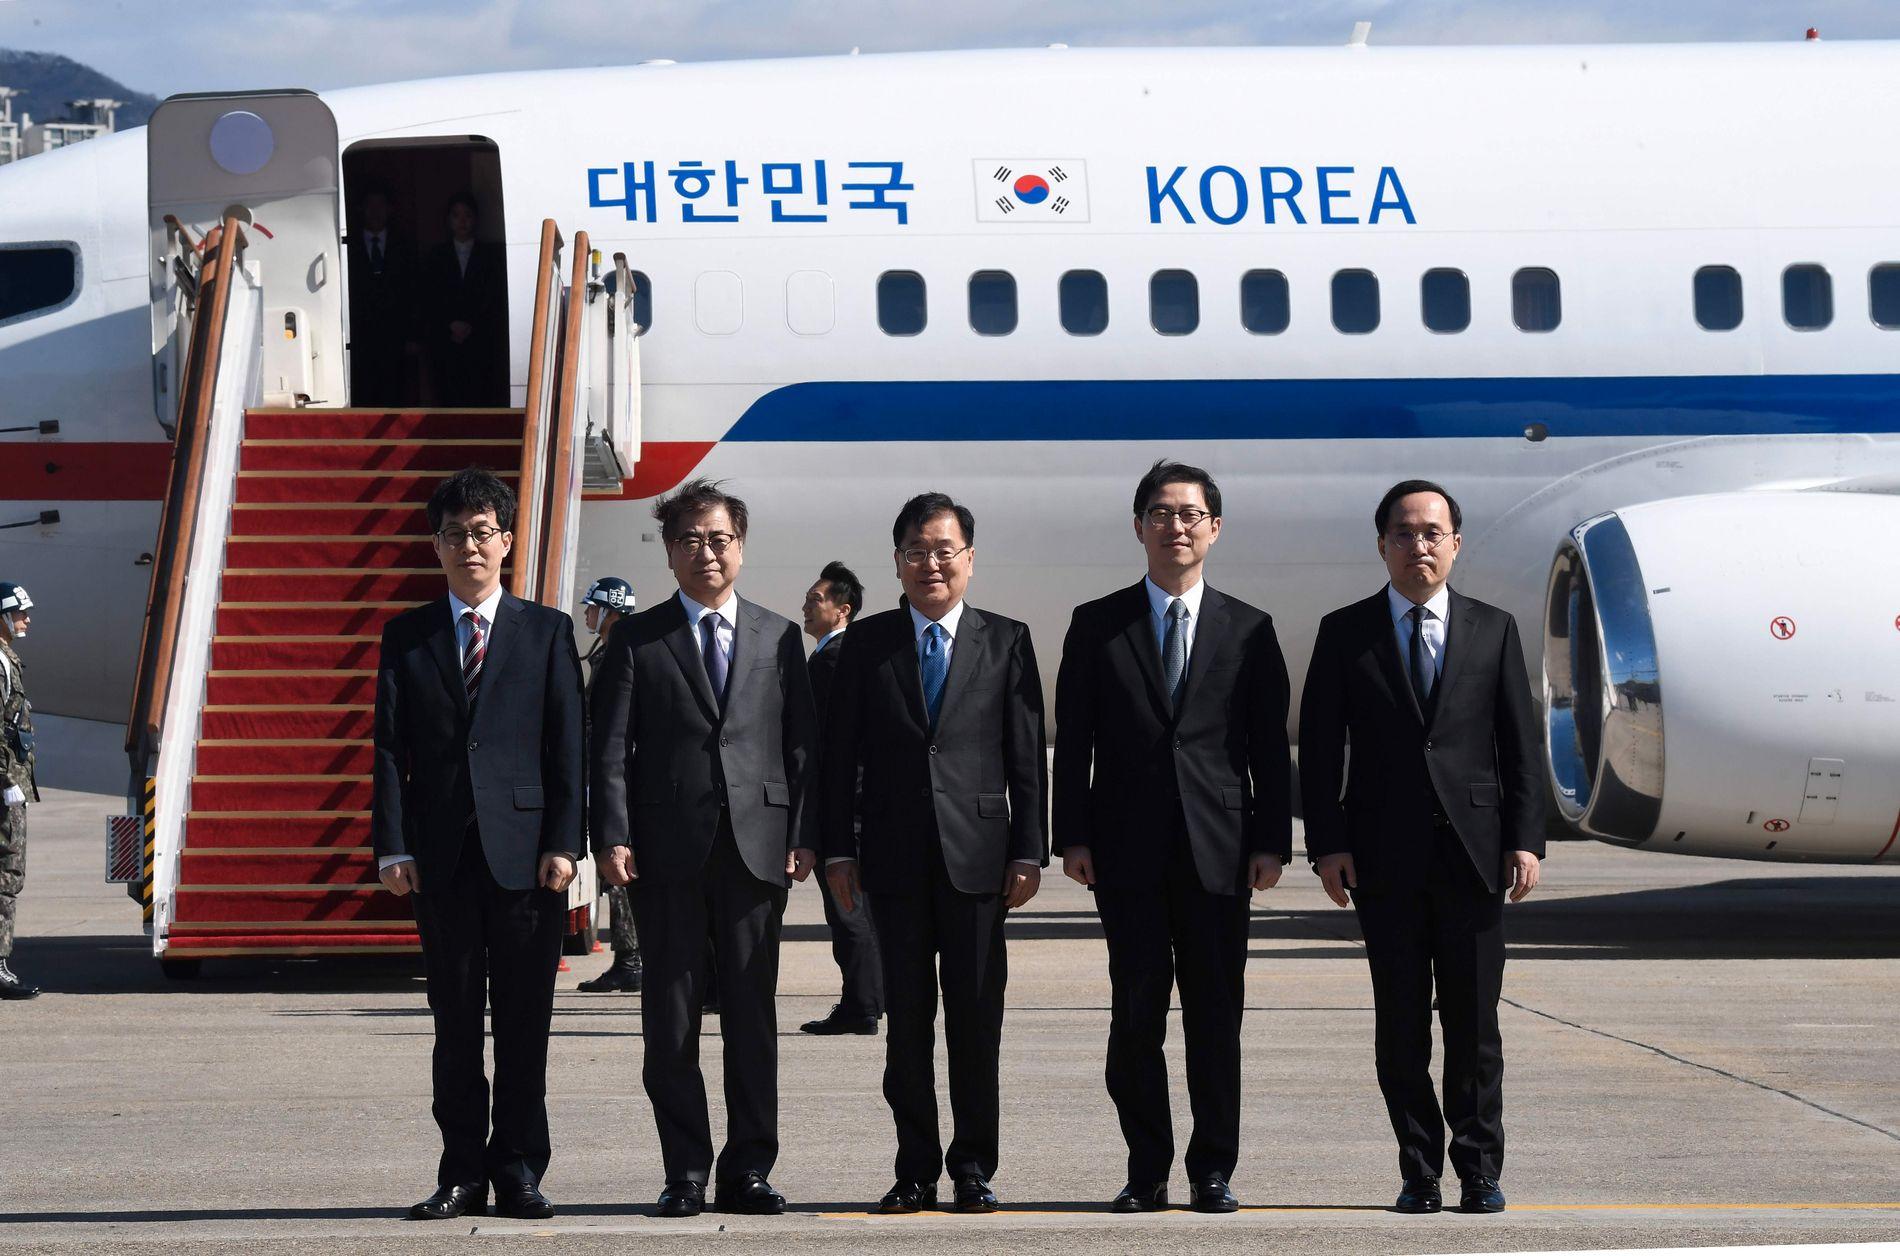 AVREISEN: Suh Hoon, nummer to fra venstre, poserer med de andre delegatene før avreisen fra Seoul til Pyongyang og møtet med Kim Jong-un i mars.